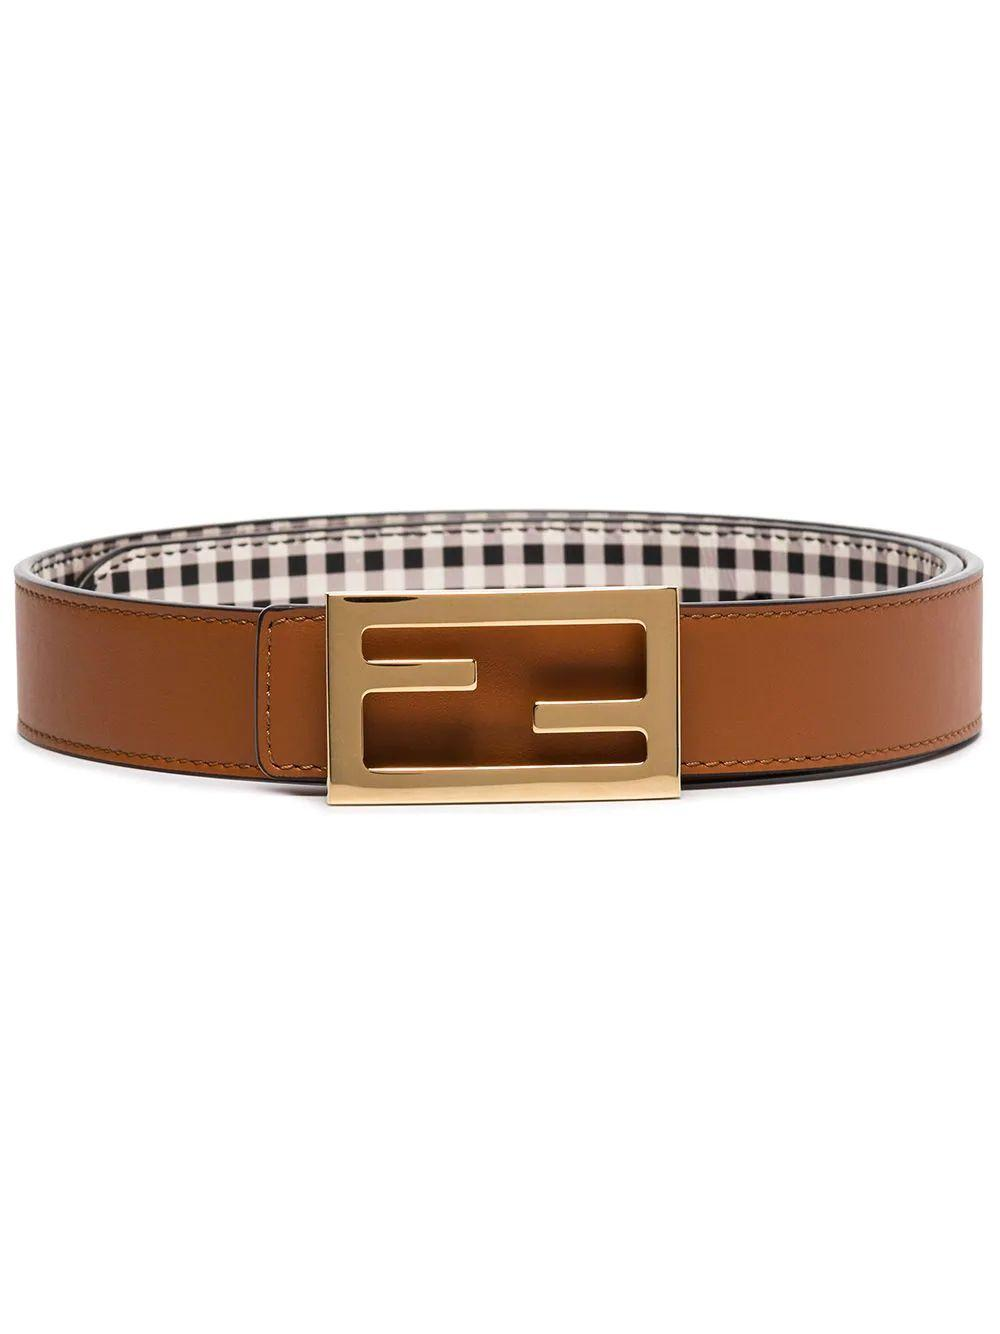 Ff Reversible Belt Item # 8C0605-ADK8